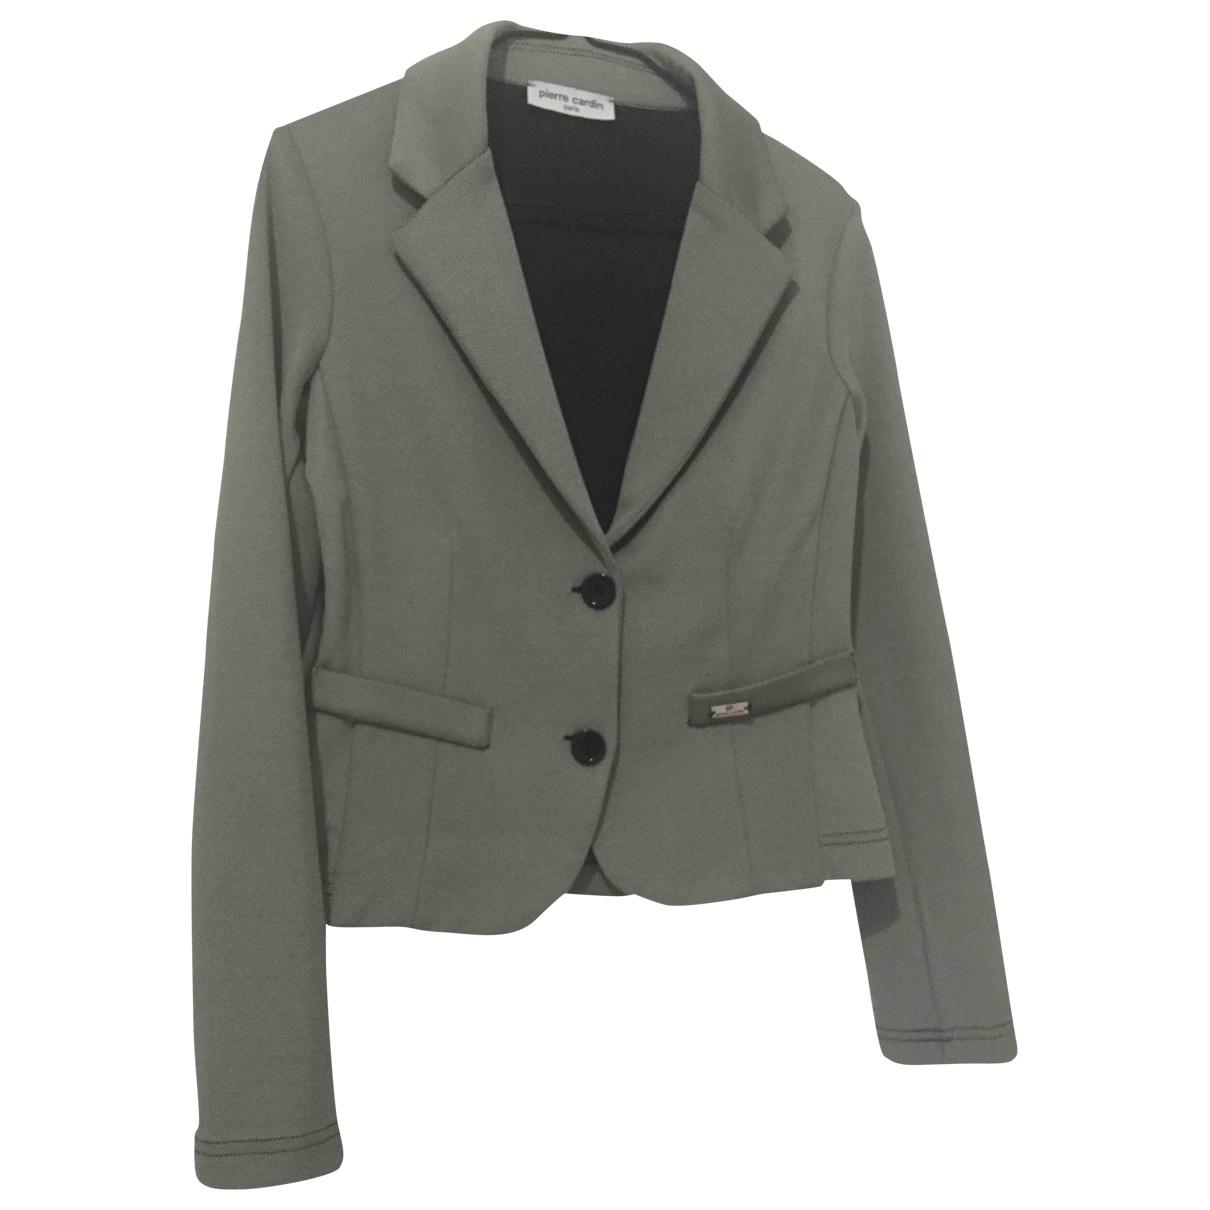 Pierre Cardin \N jacket for Women 42 IT